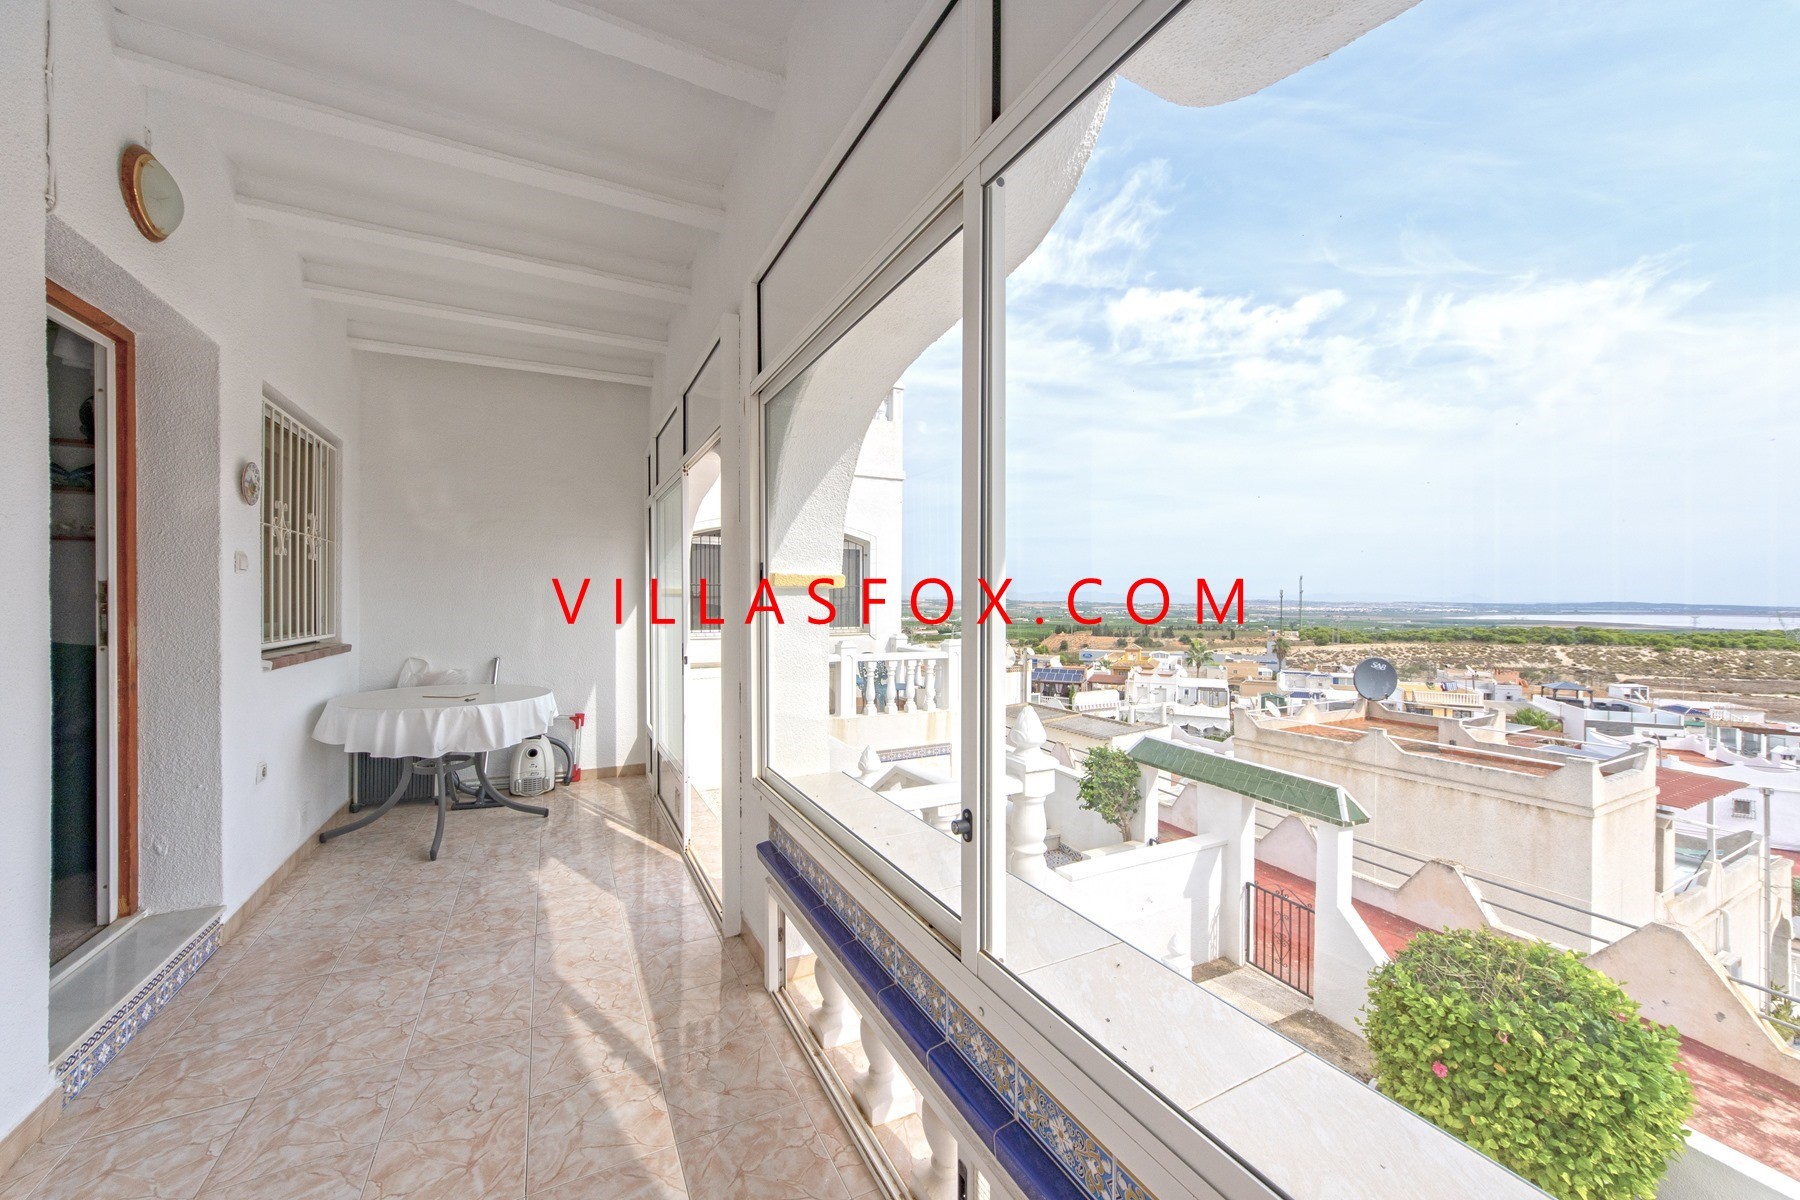 Градска къща в Балкон де ла Коста Бланка с невероятна гледка, Сан Мигел де Салинас!